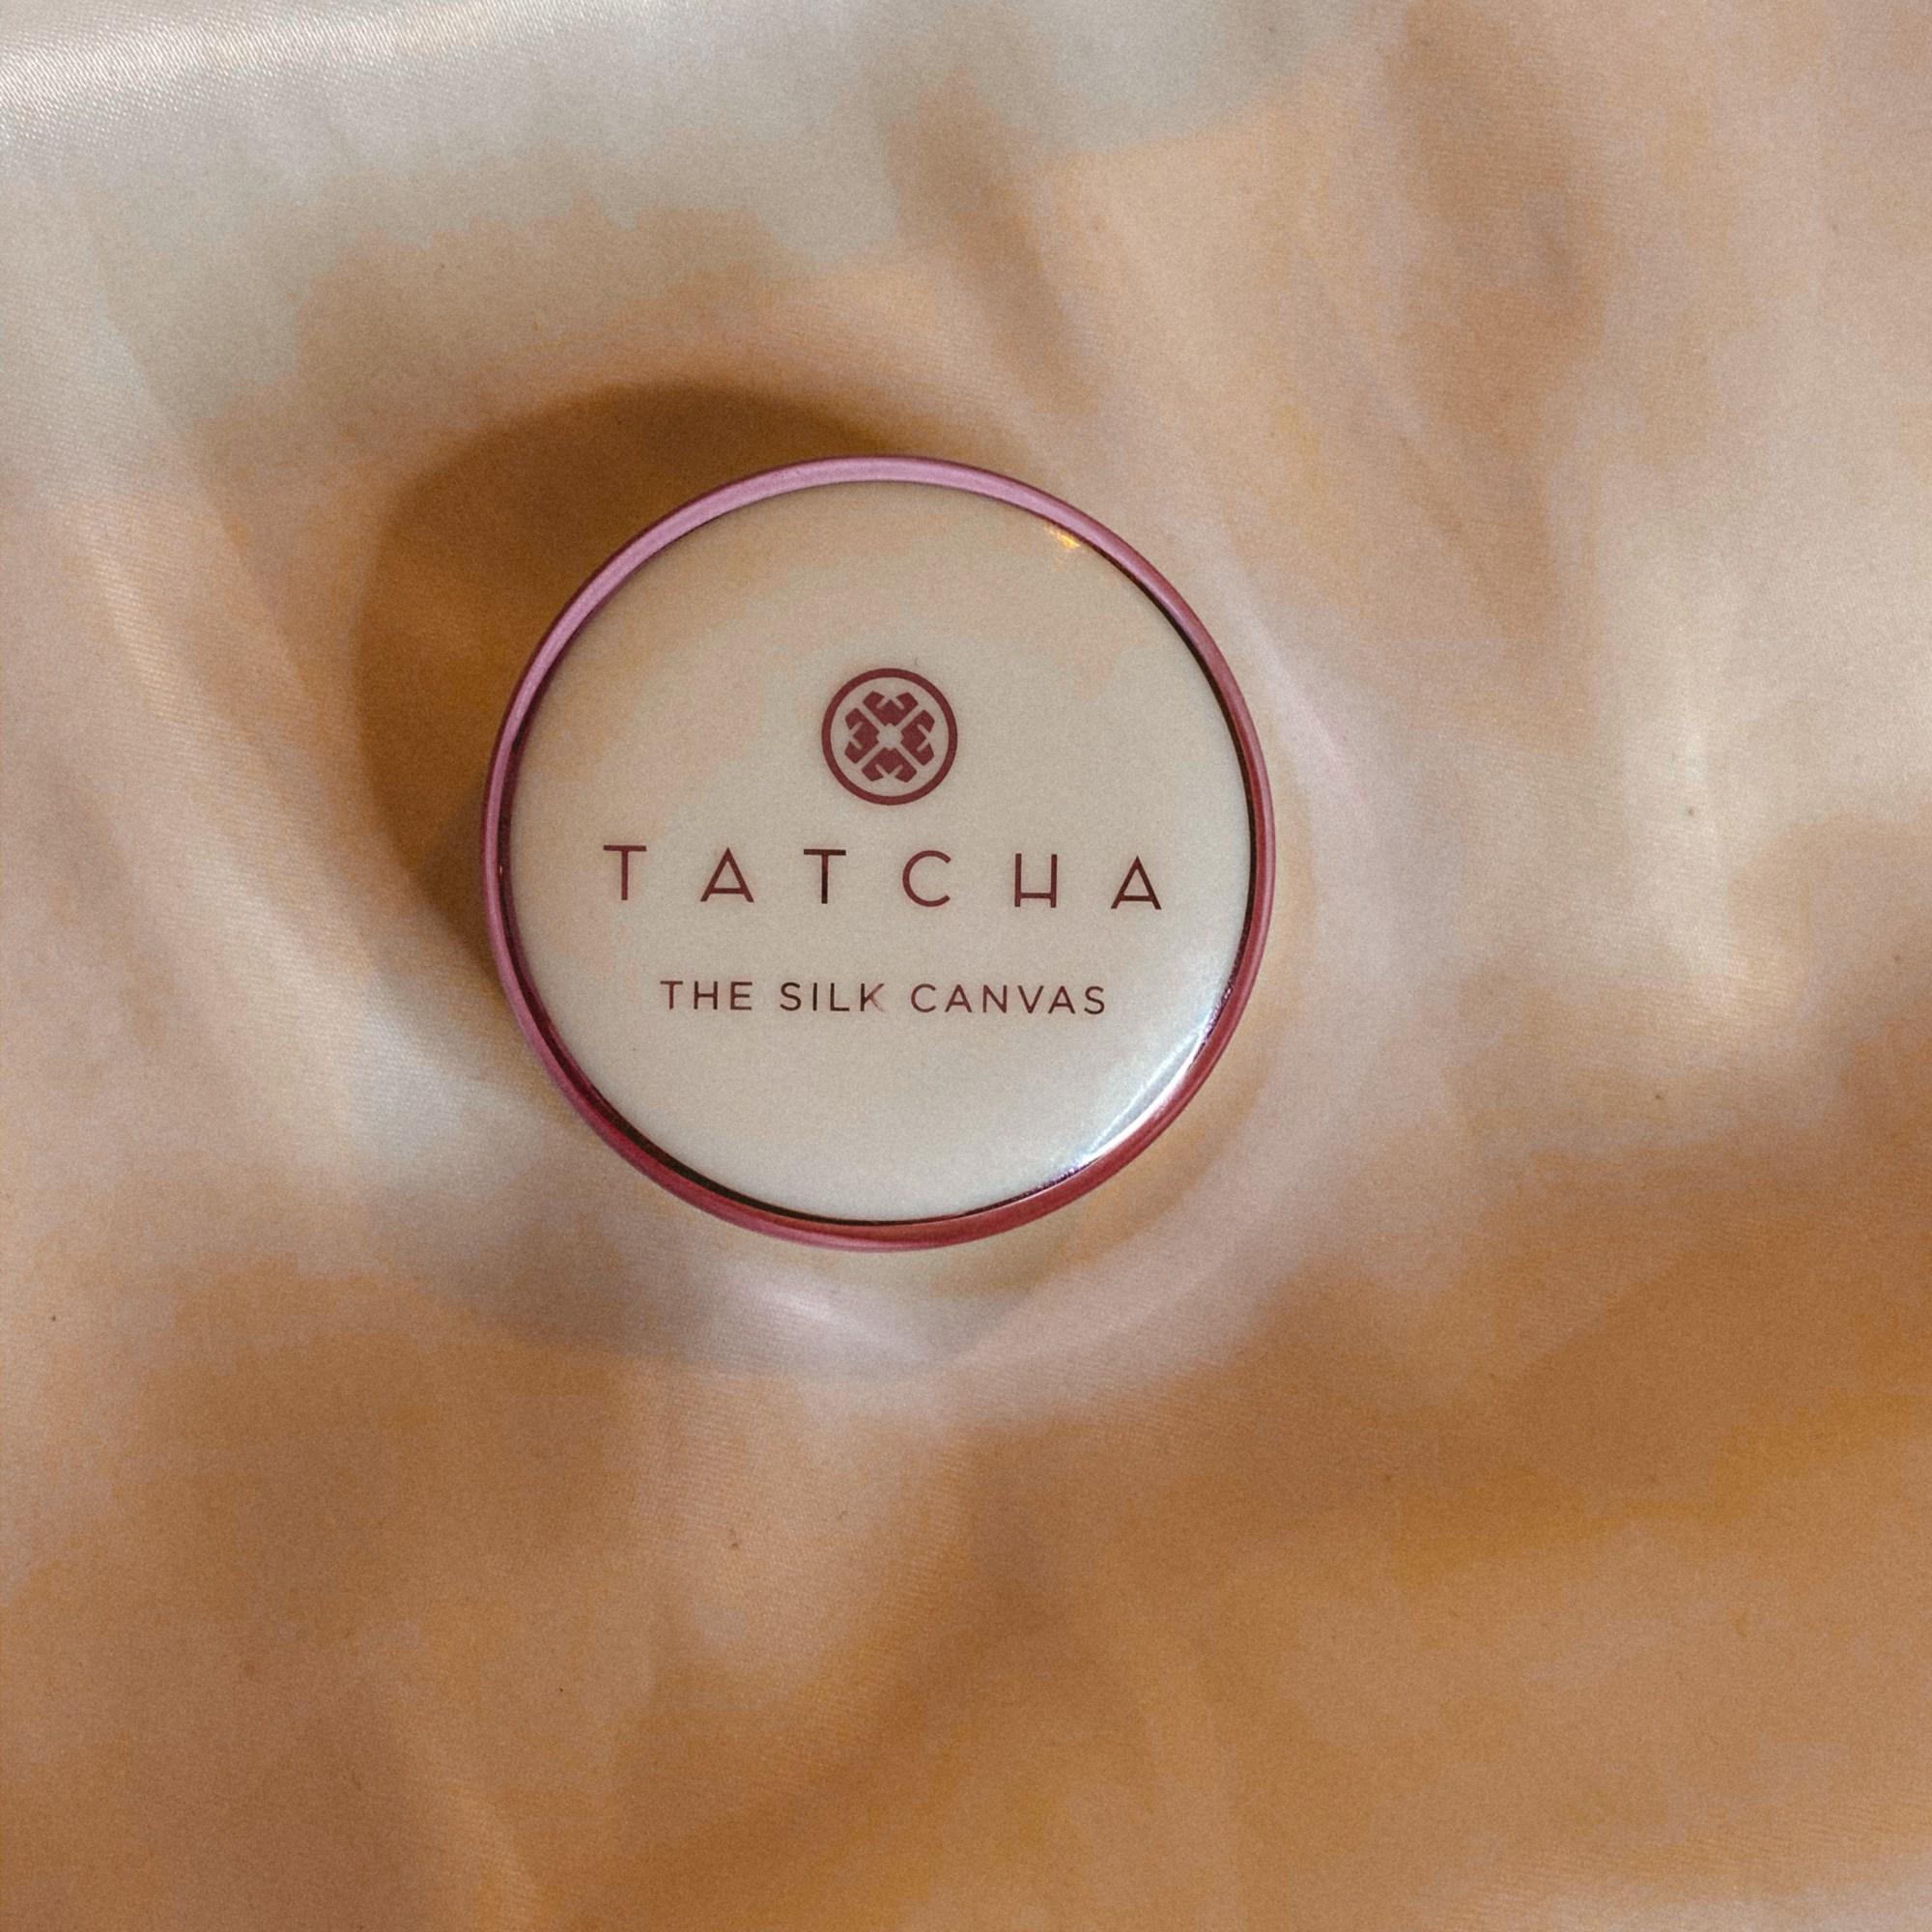 Tatcha The Silk Canvas Mini